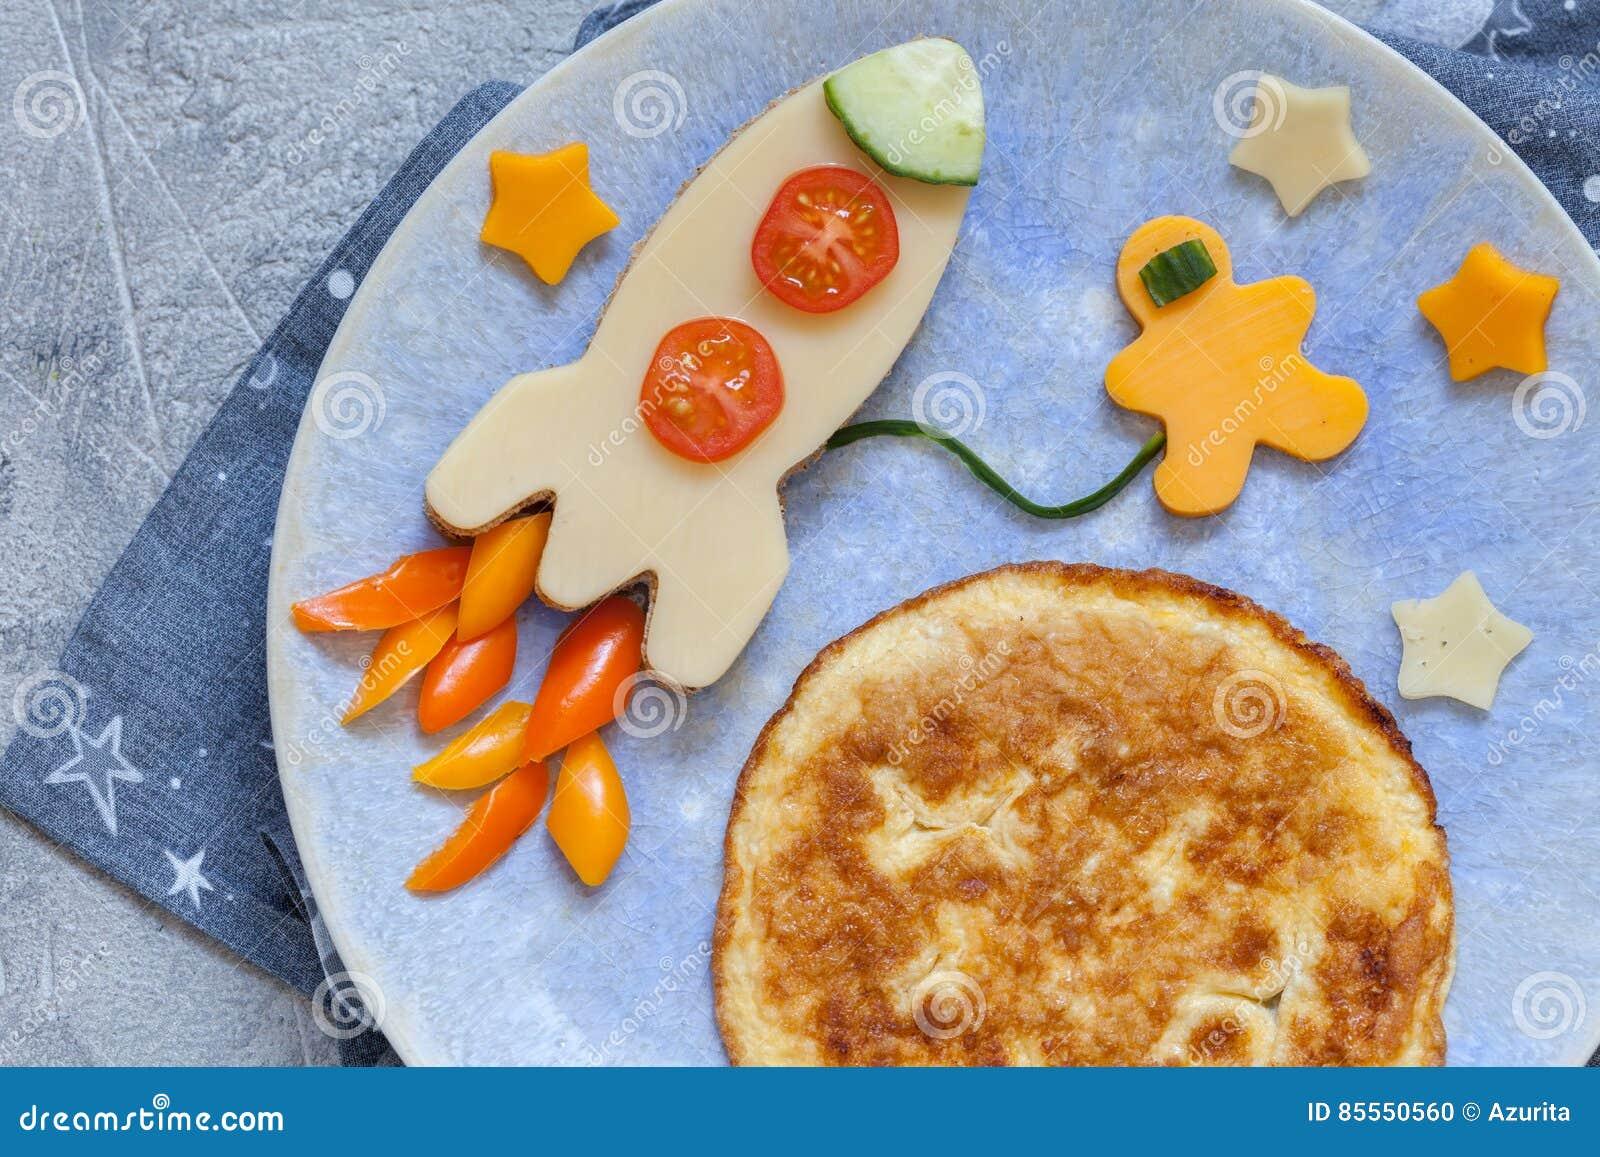 Lustiges Frühstück mit Käsesandwich und einem Omelett